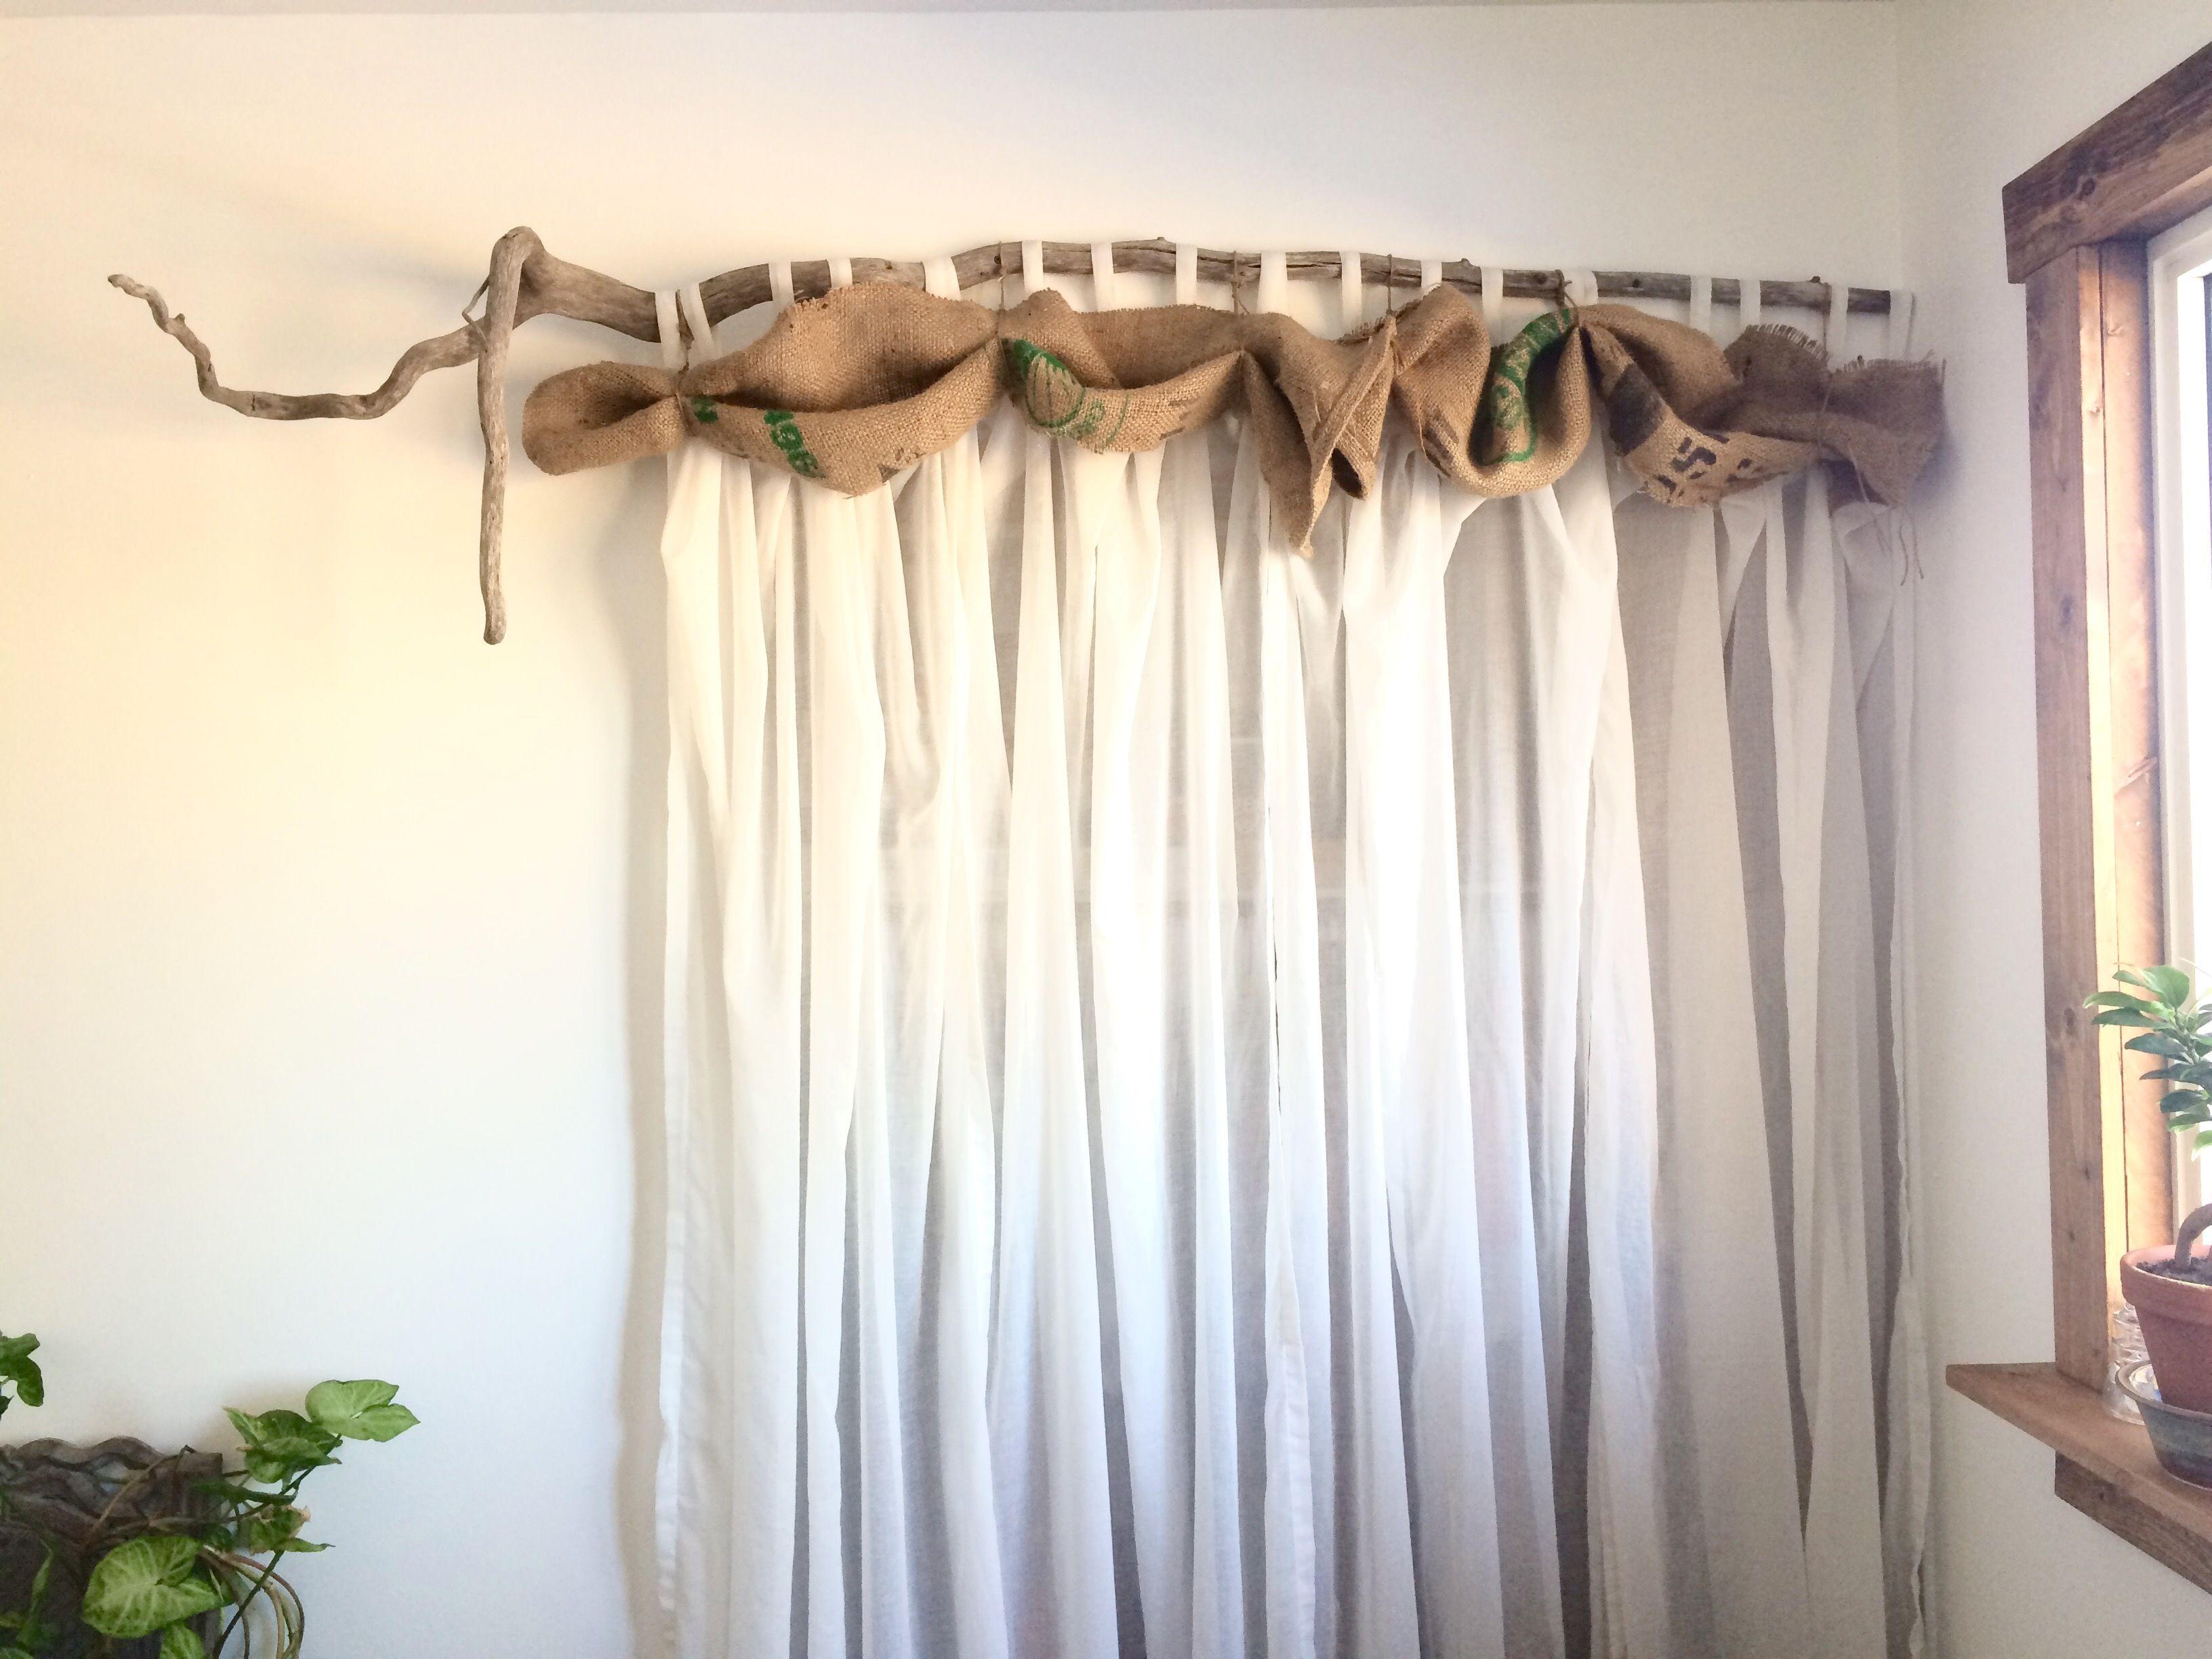 Driftwood Curtain Rod Cabin Decor Curtains My Room